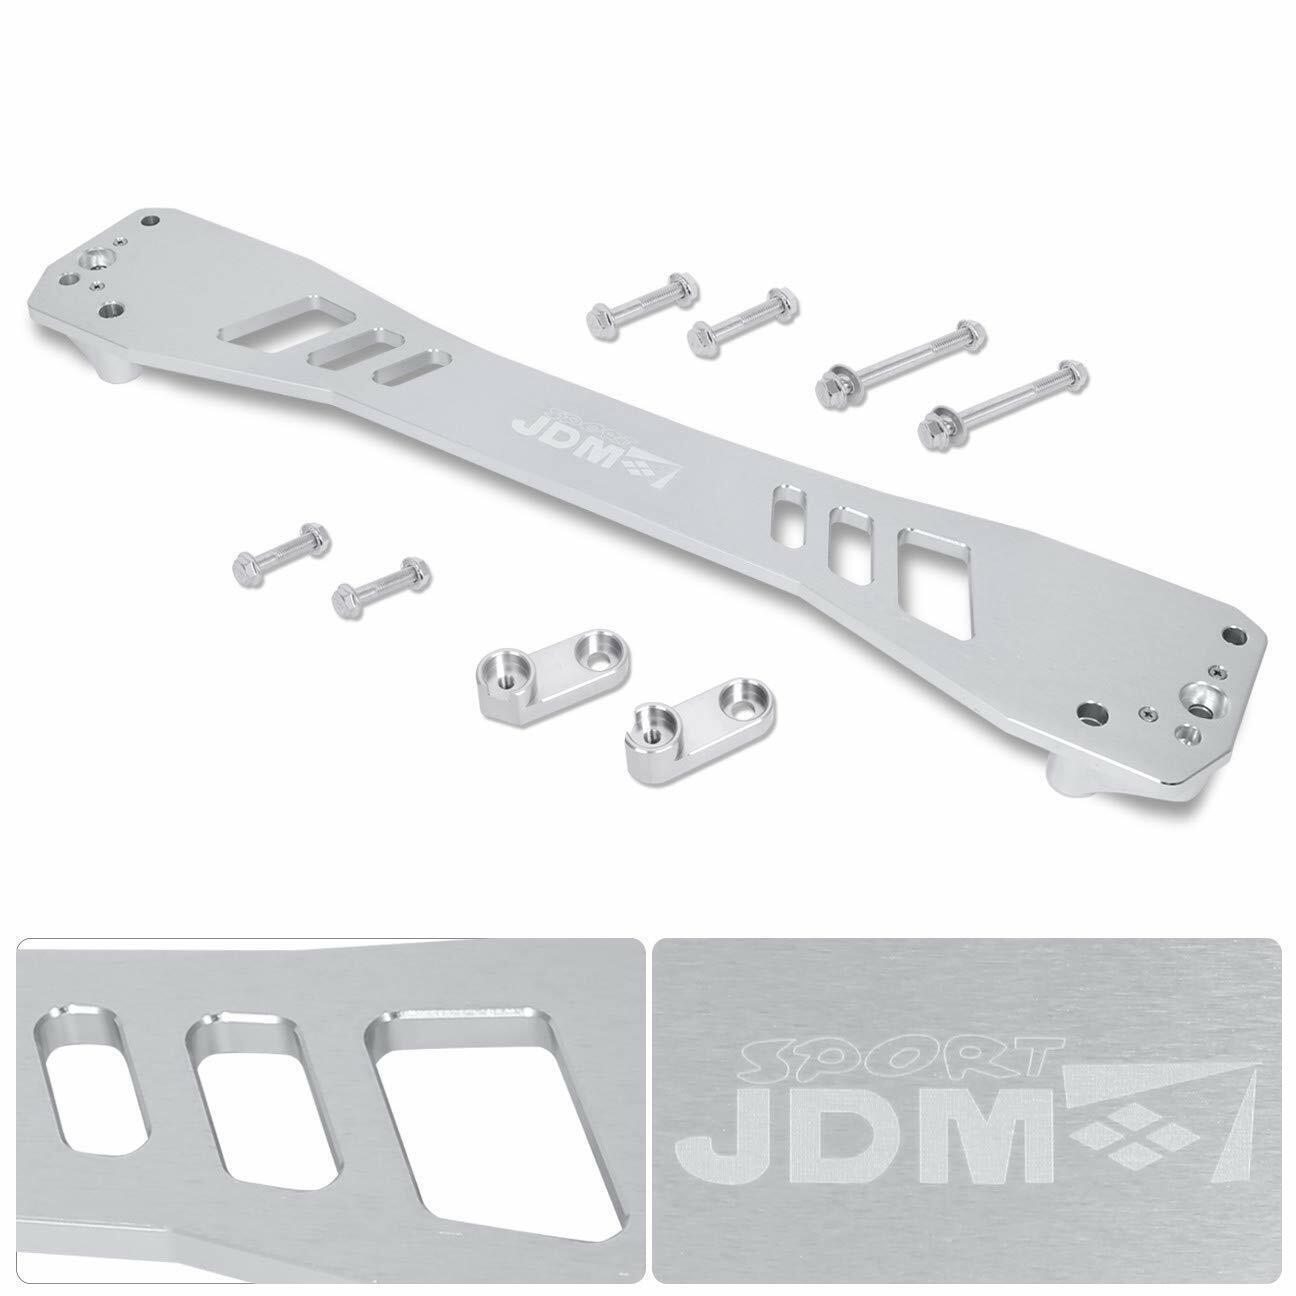 Rear Subframe Tie Brace Bar Suspension Subframe for 1996-2000 Honda Civic Del Sol Integra